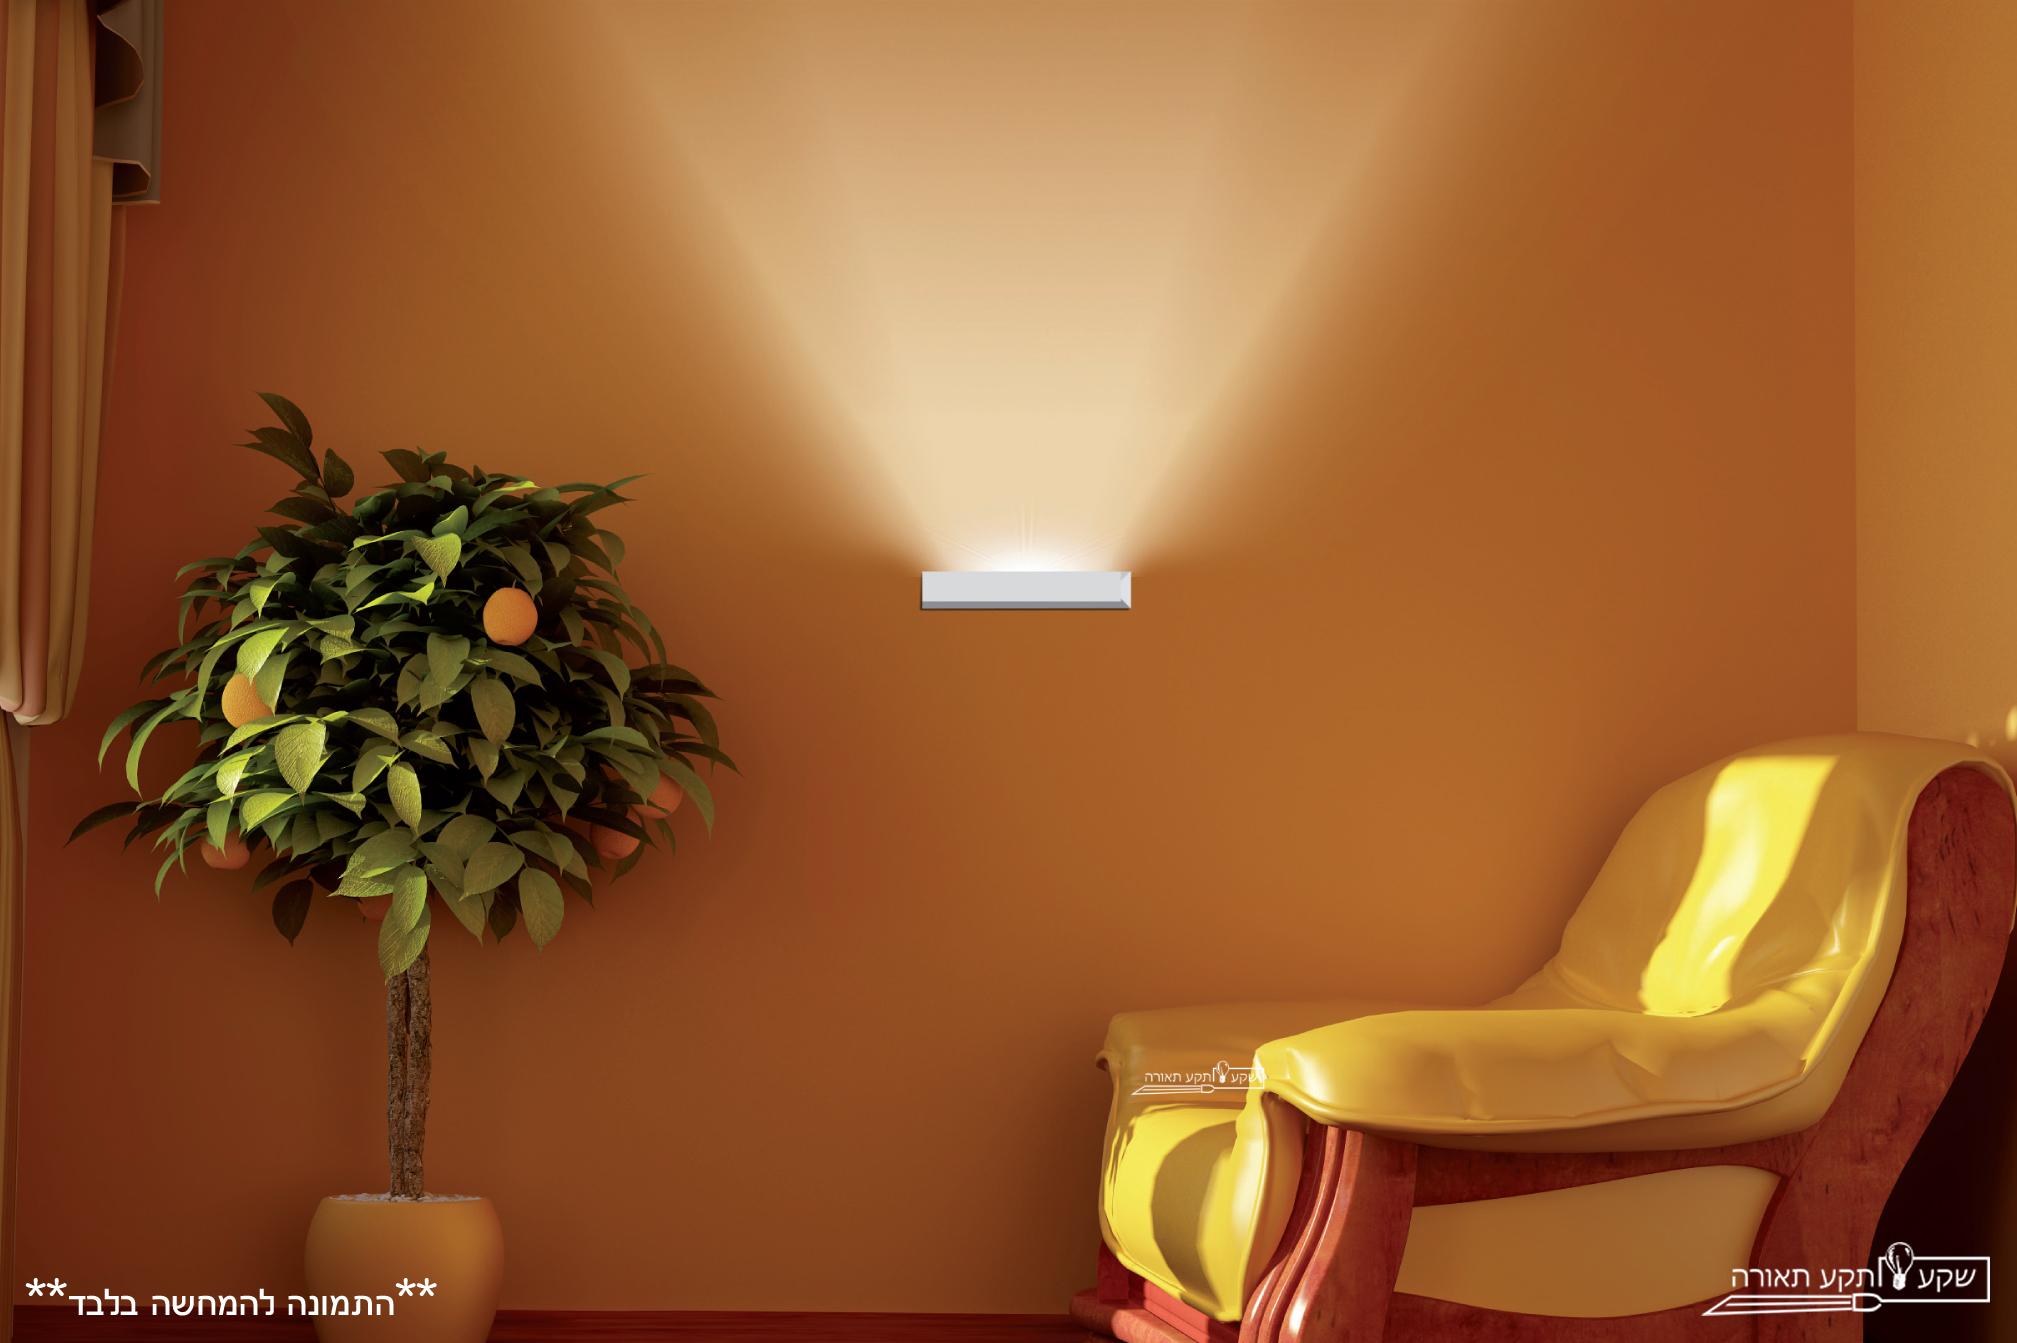 מנורת אפלייט מלבן, לד מובנה, משלימה לחדרים